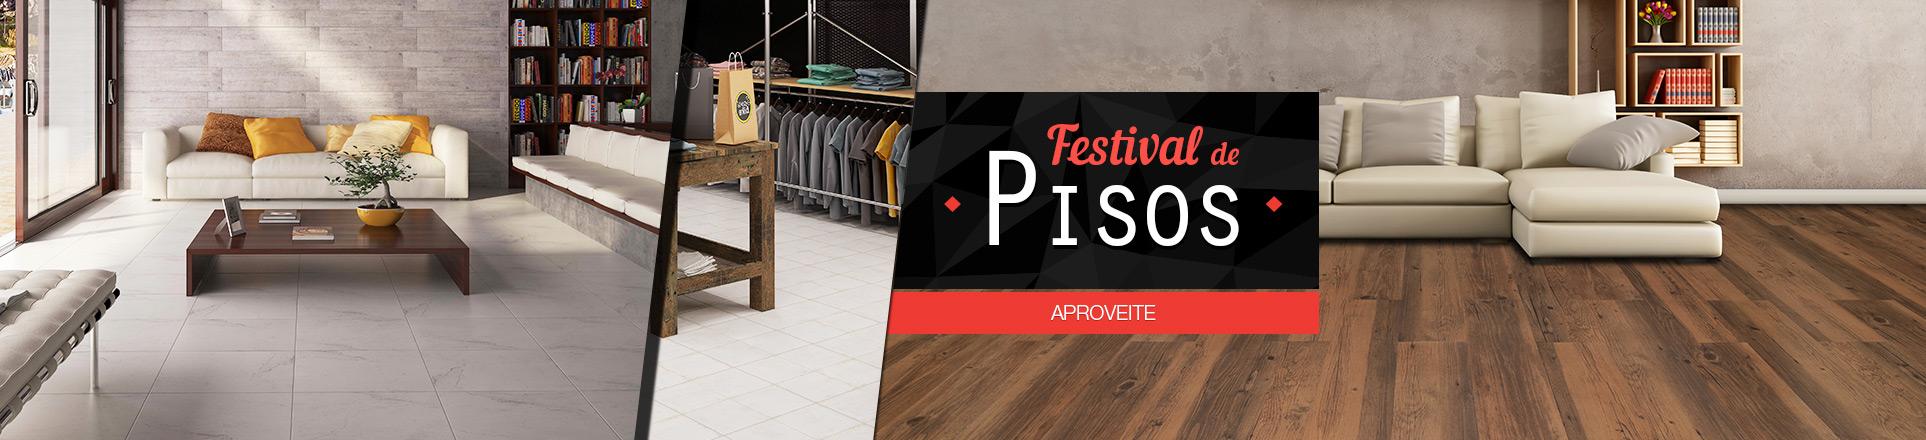 Banner 3 - Festival dos Pisos